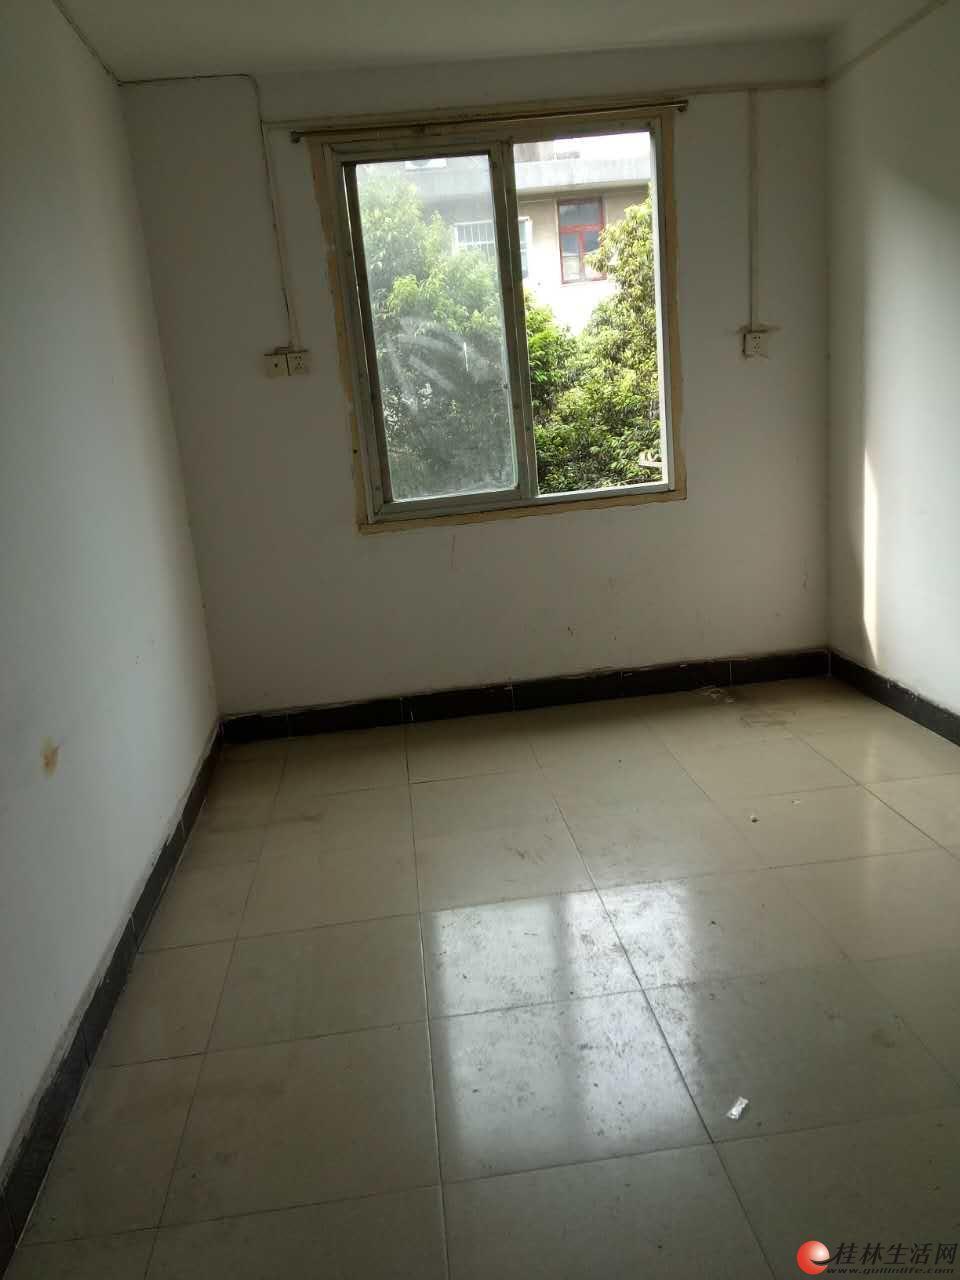 瓦窑平山小学旁单位宿舍两房一厅,4楼60平方,22万